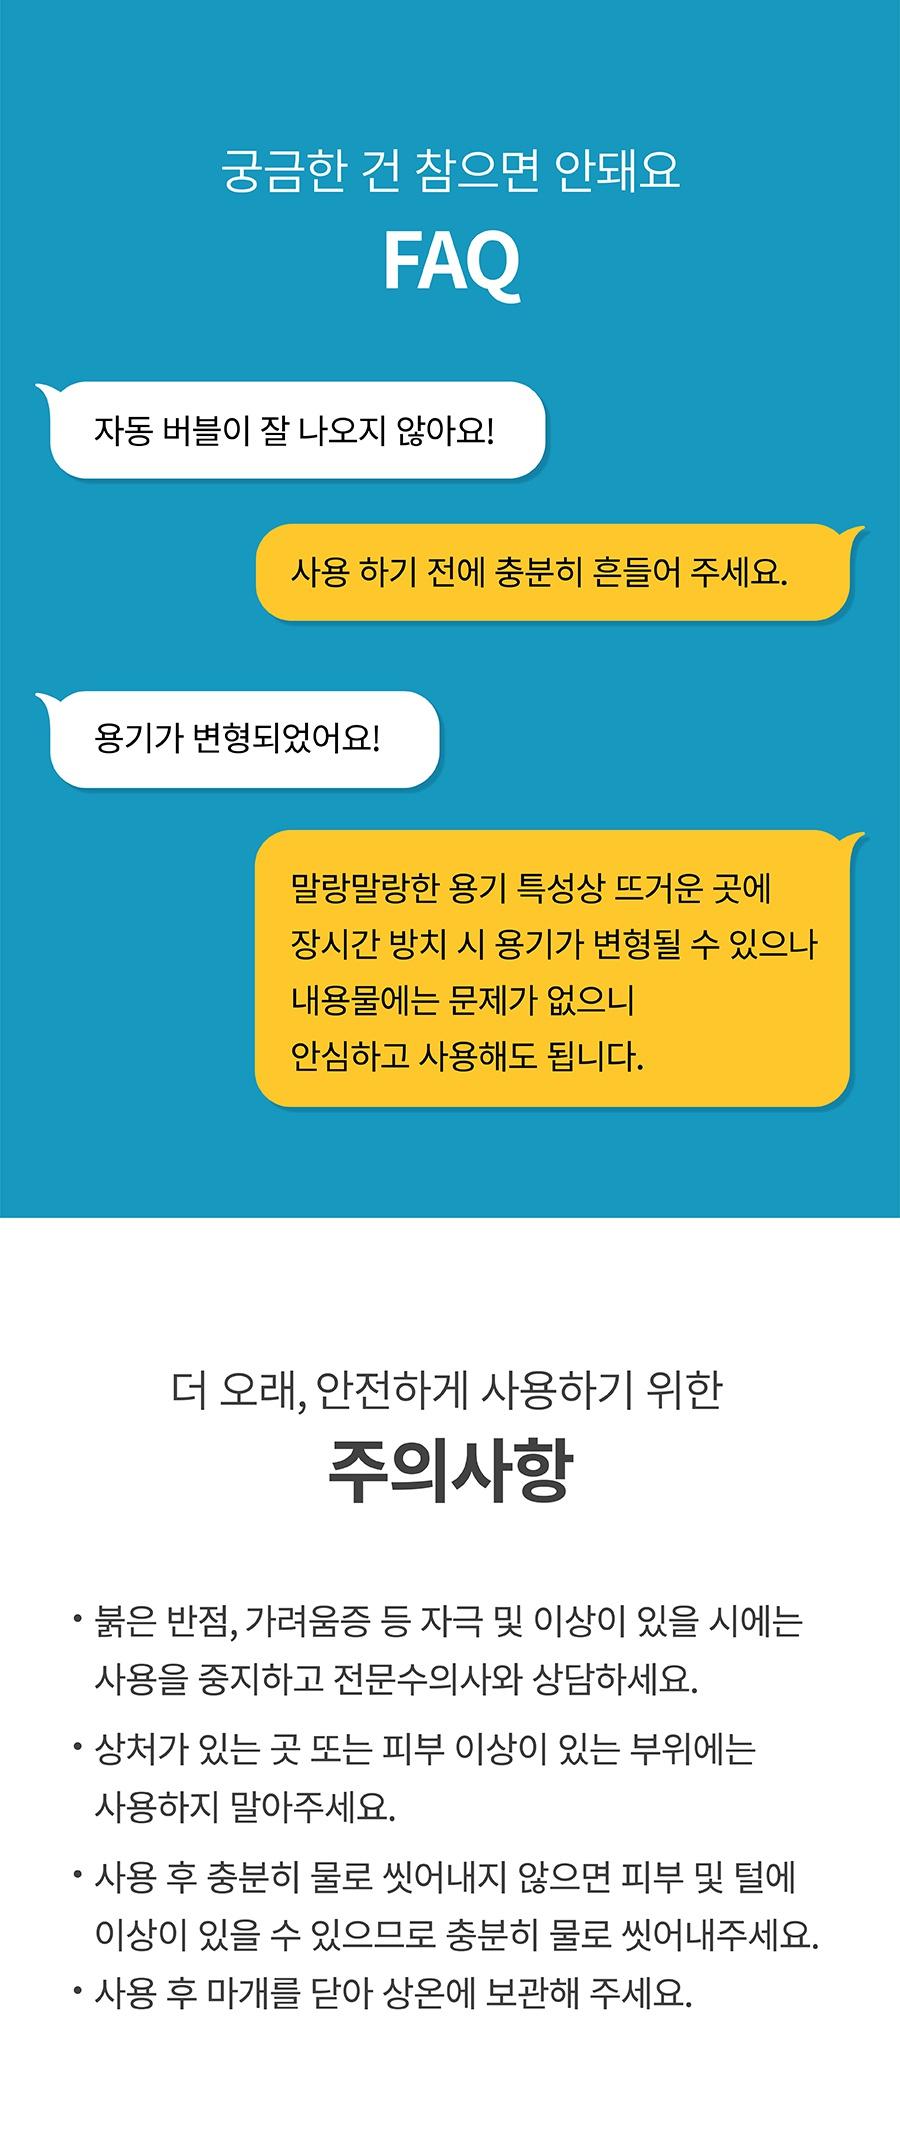 포우장 보글보글 탄산샴푸-상품이미지-20